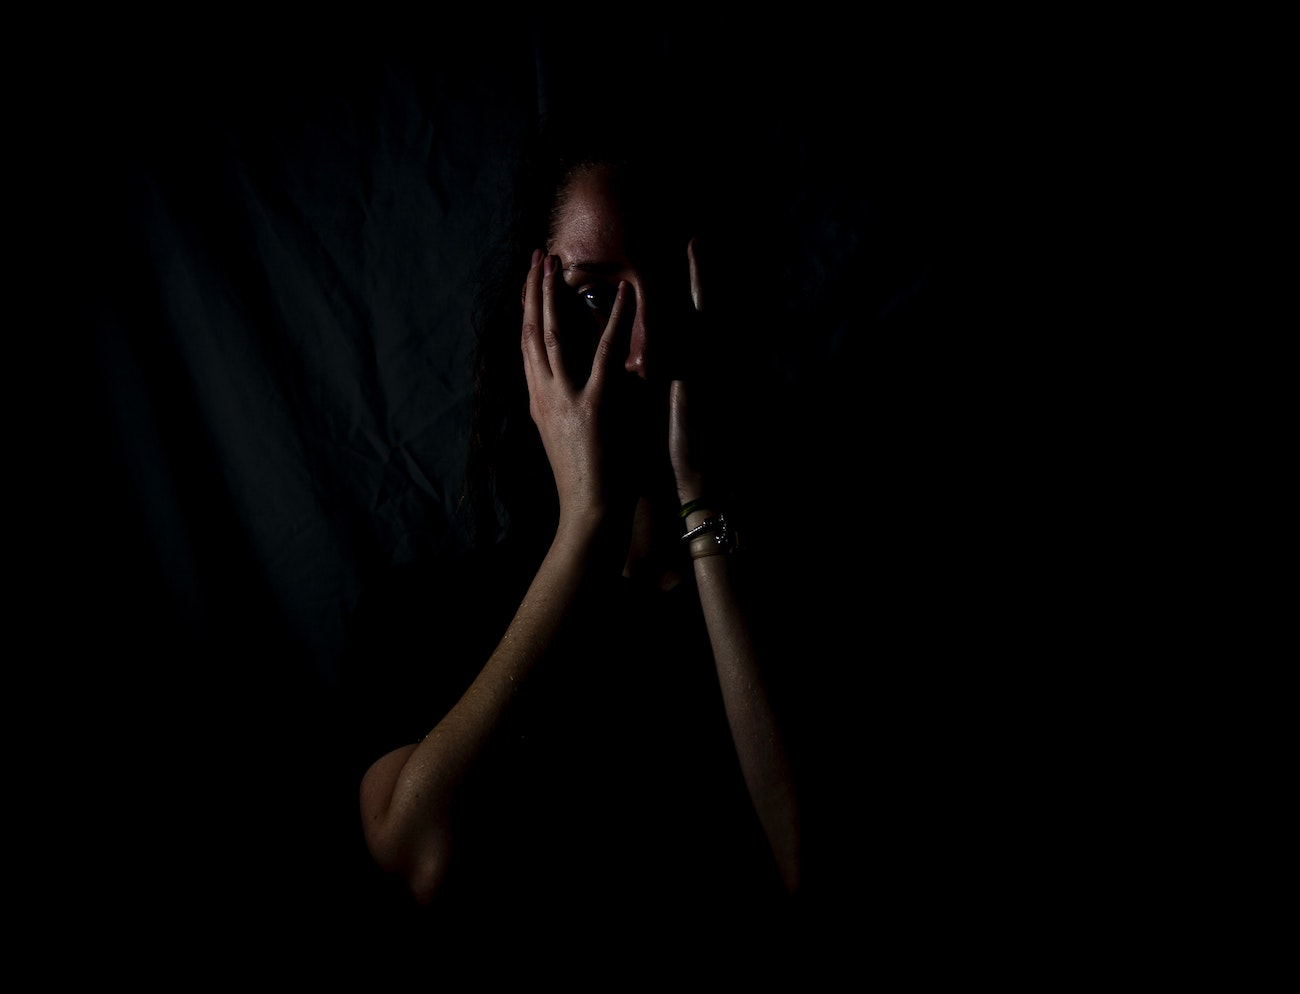 La solidarité sorganise pour les victimes de violences conjugales - Unsplash